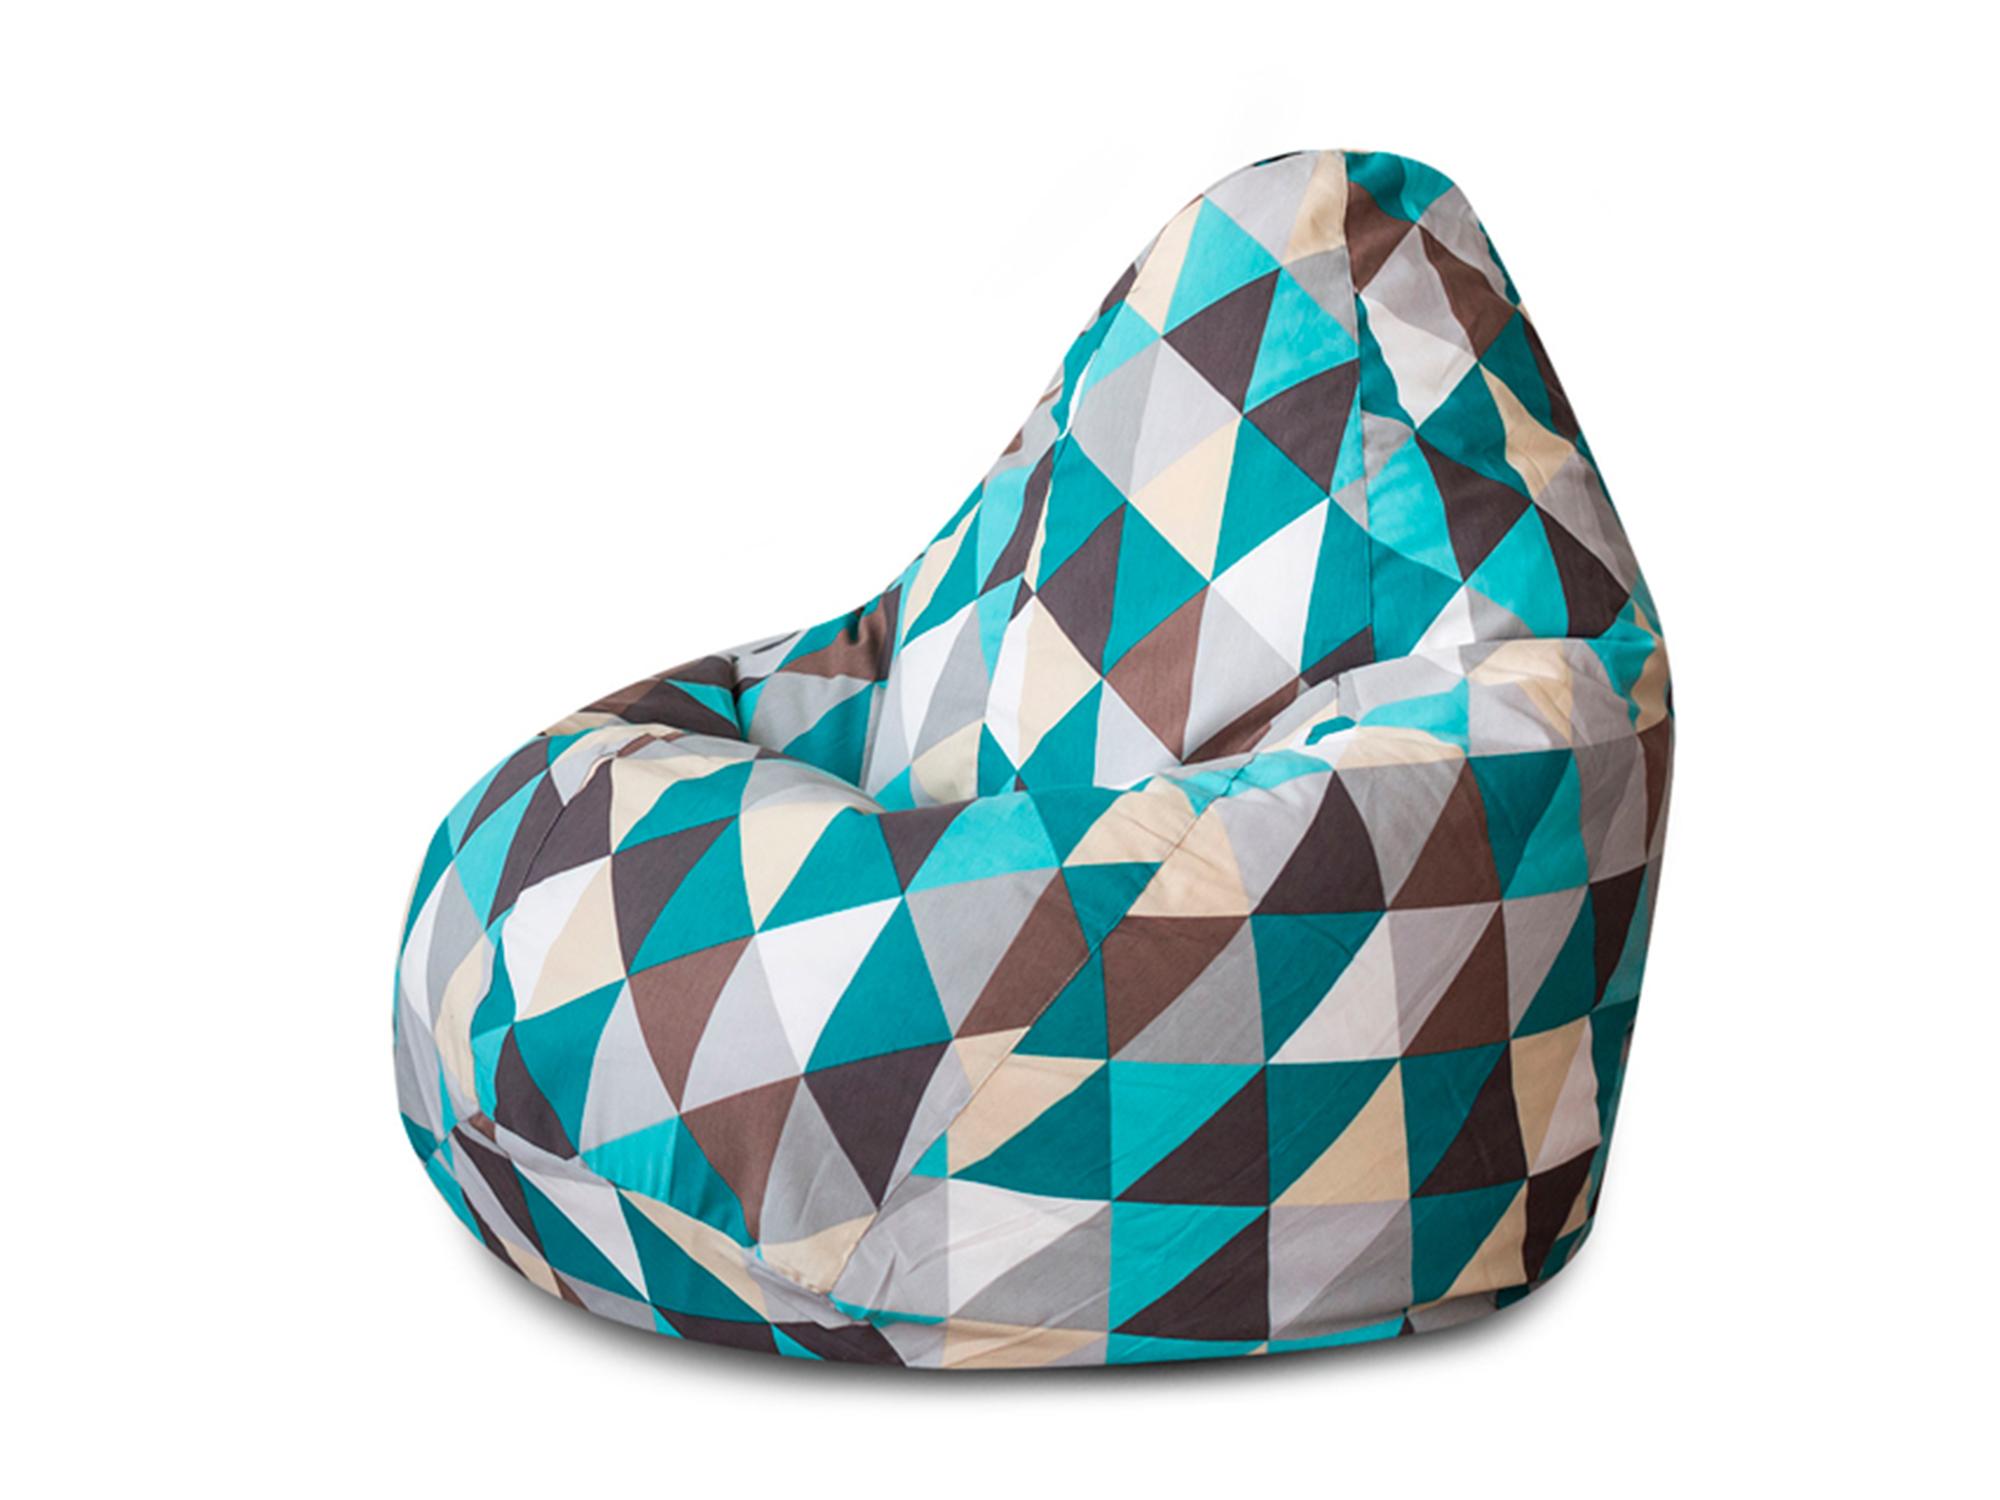 Кресло Мешок Изумруд XL 125х85 MebelVia Разноцветный, Жаккард кресло мешок флаги xl 125х85 mebelvia